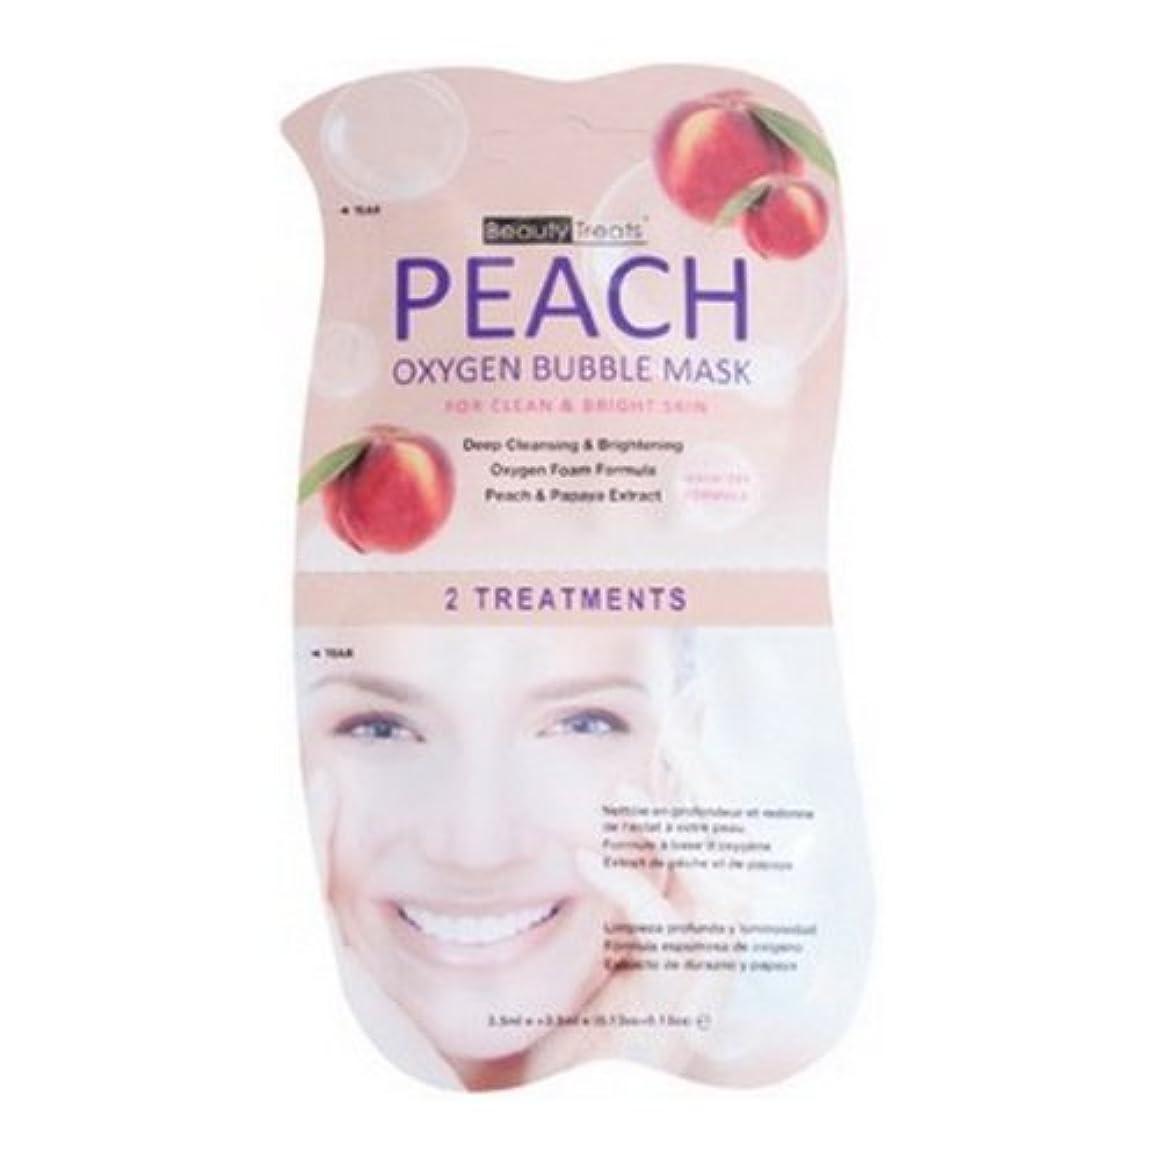 胴体従う影のある(6 Pack) BEAUTY TREATS Peach Oxygen Bubble Mask - Peach (並行輸入品)